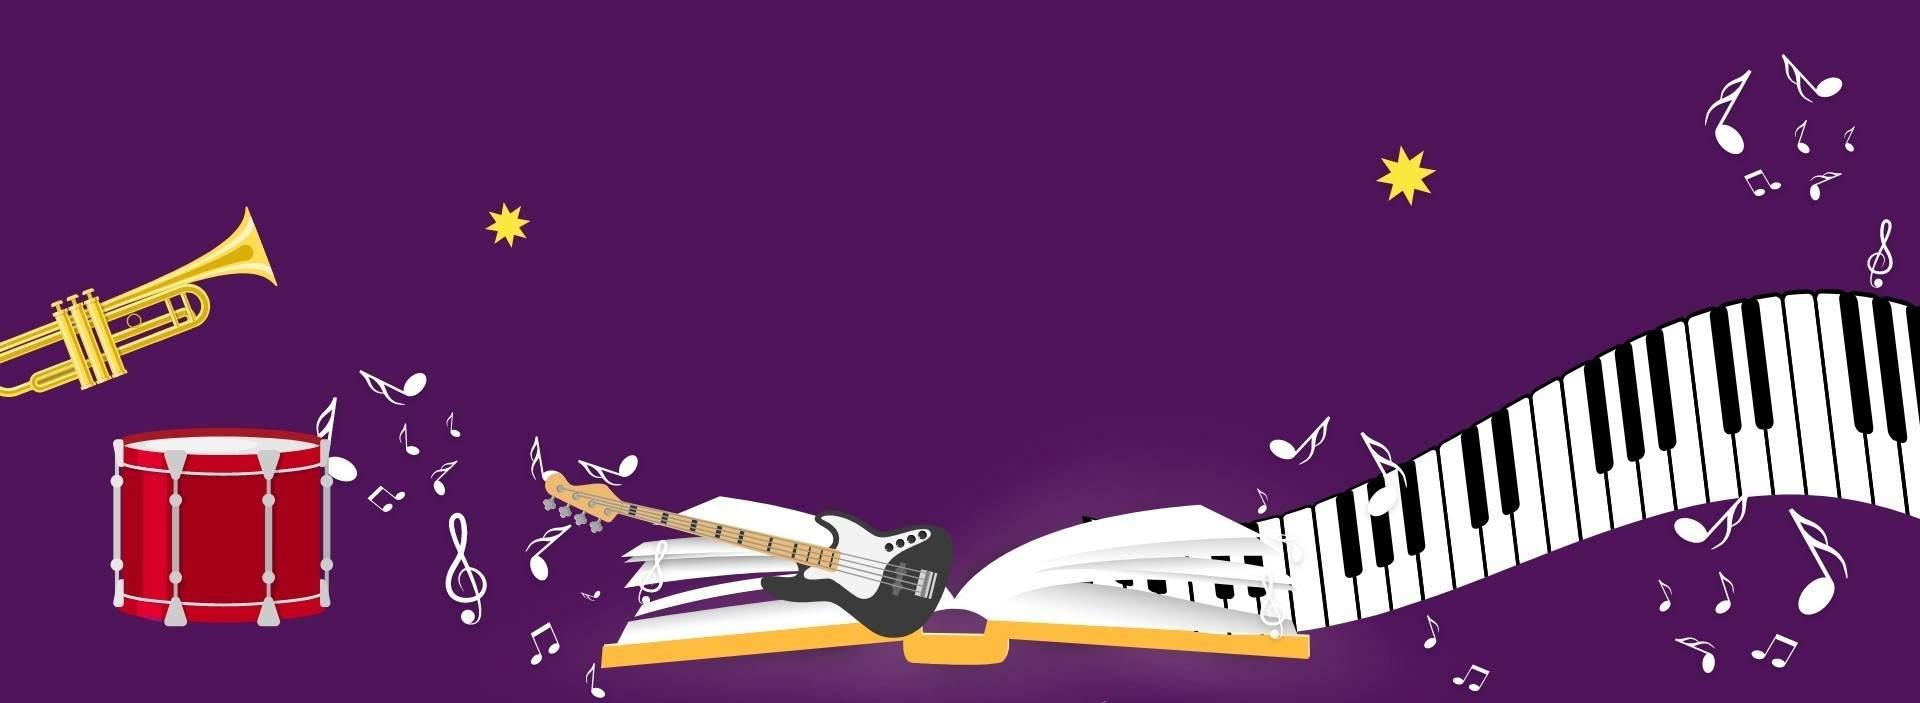 Audiolibri sulla musica per bambini |Mela Music